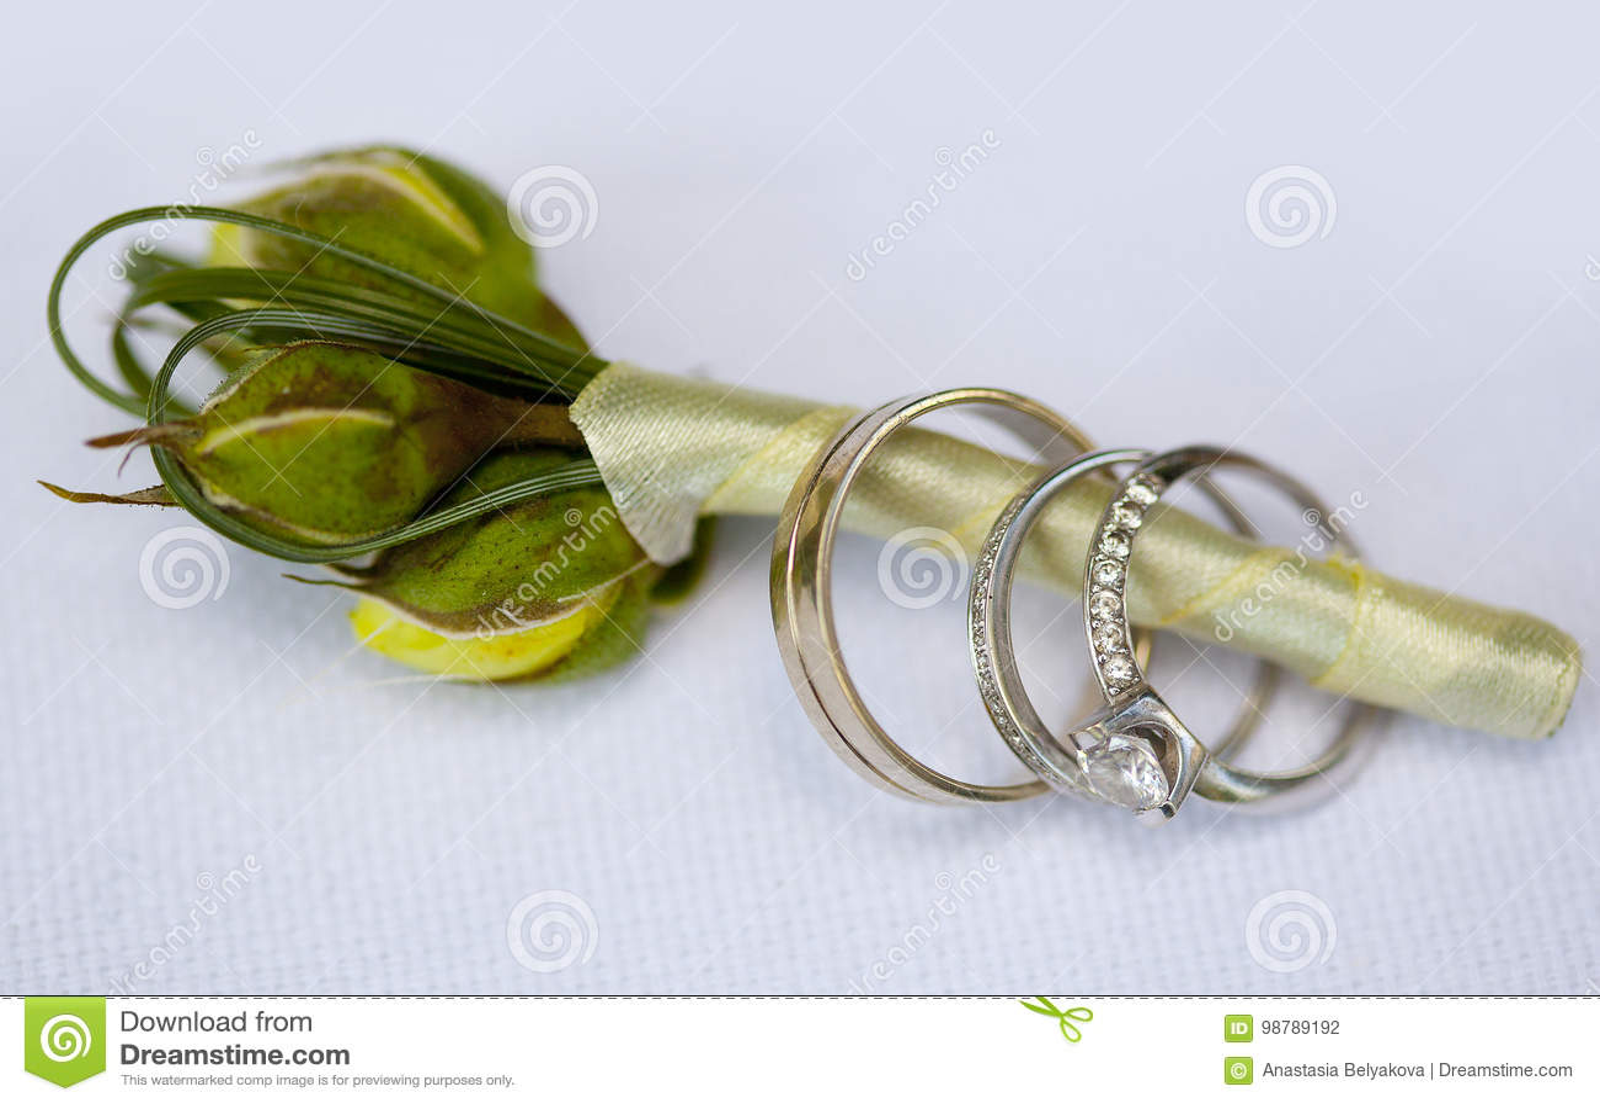 As alianças de casamento e o anel de noivado de prata com o diamante  oferecido no boutonniere do noivo com os botões de rosas amarelas e de seda  empalidecem ... bce75f21d2a4e